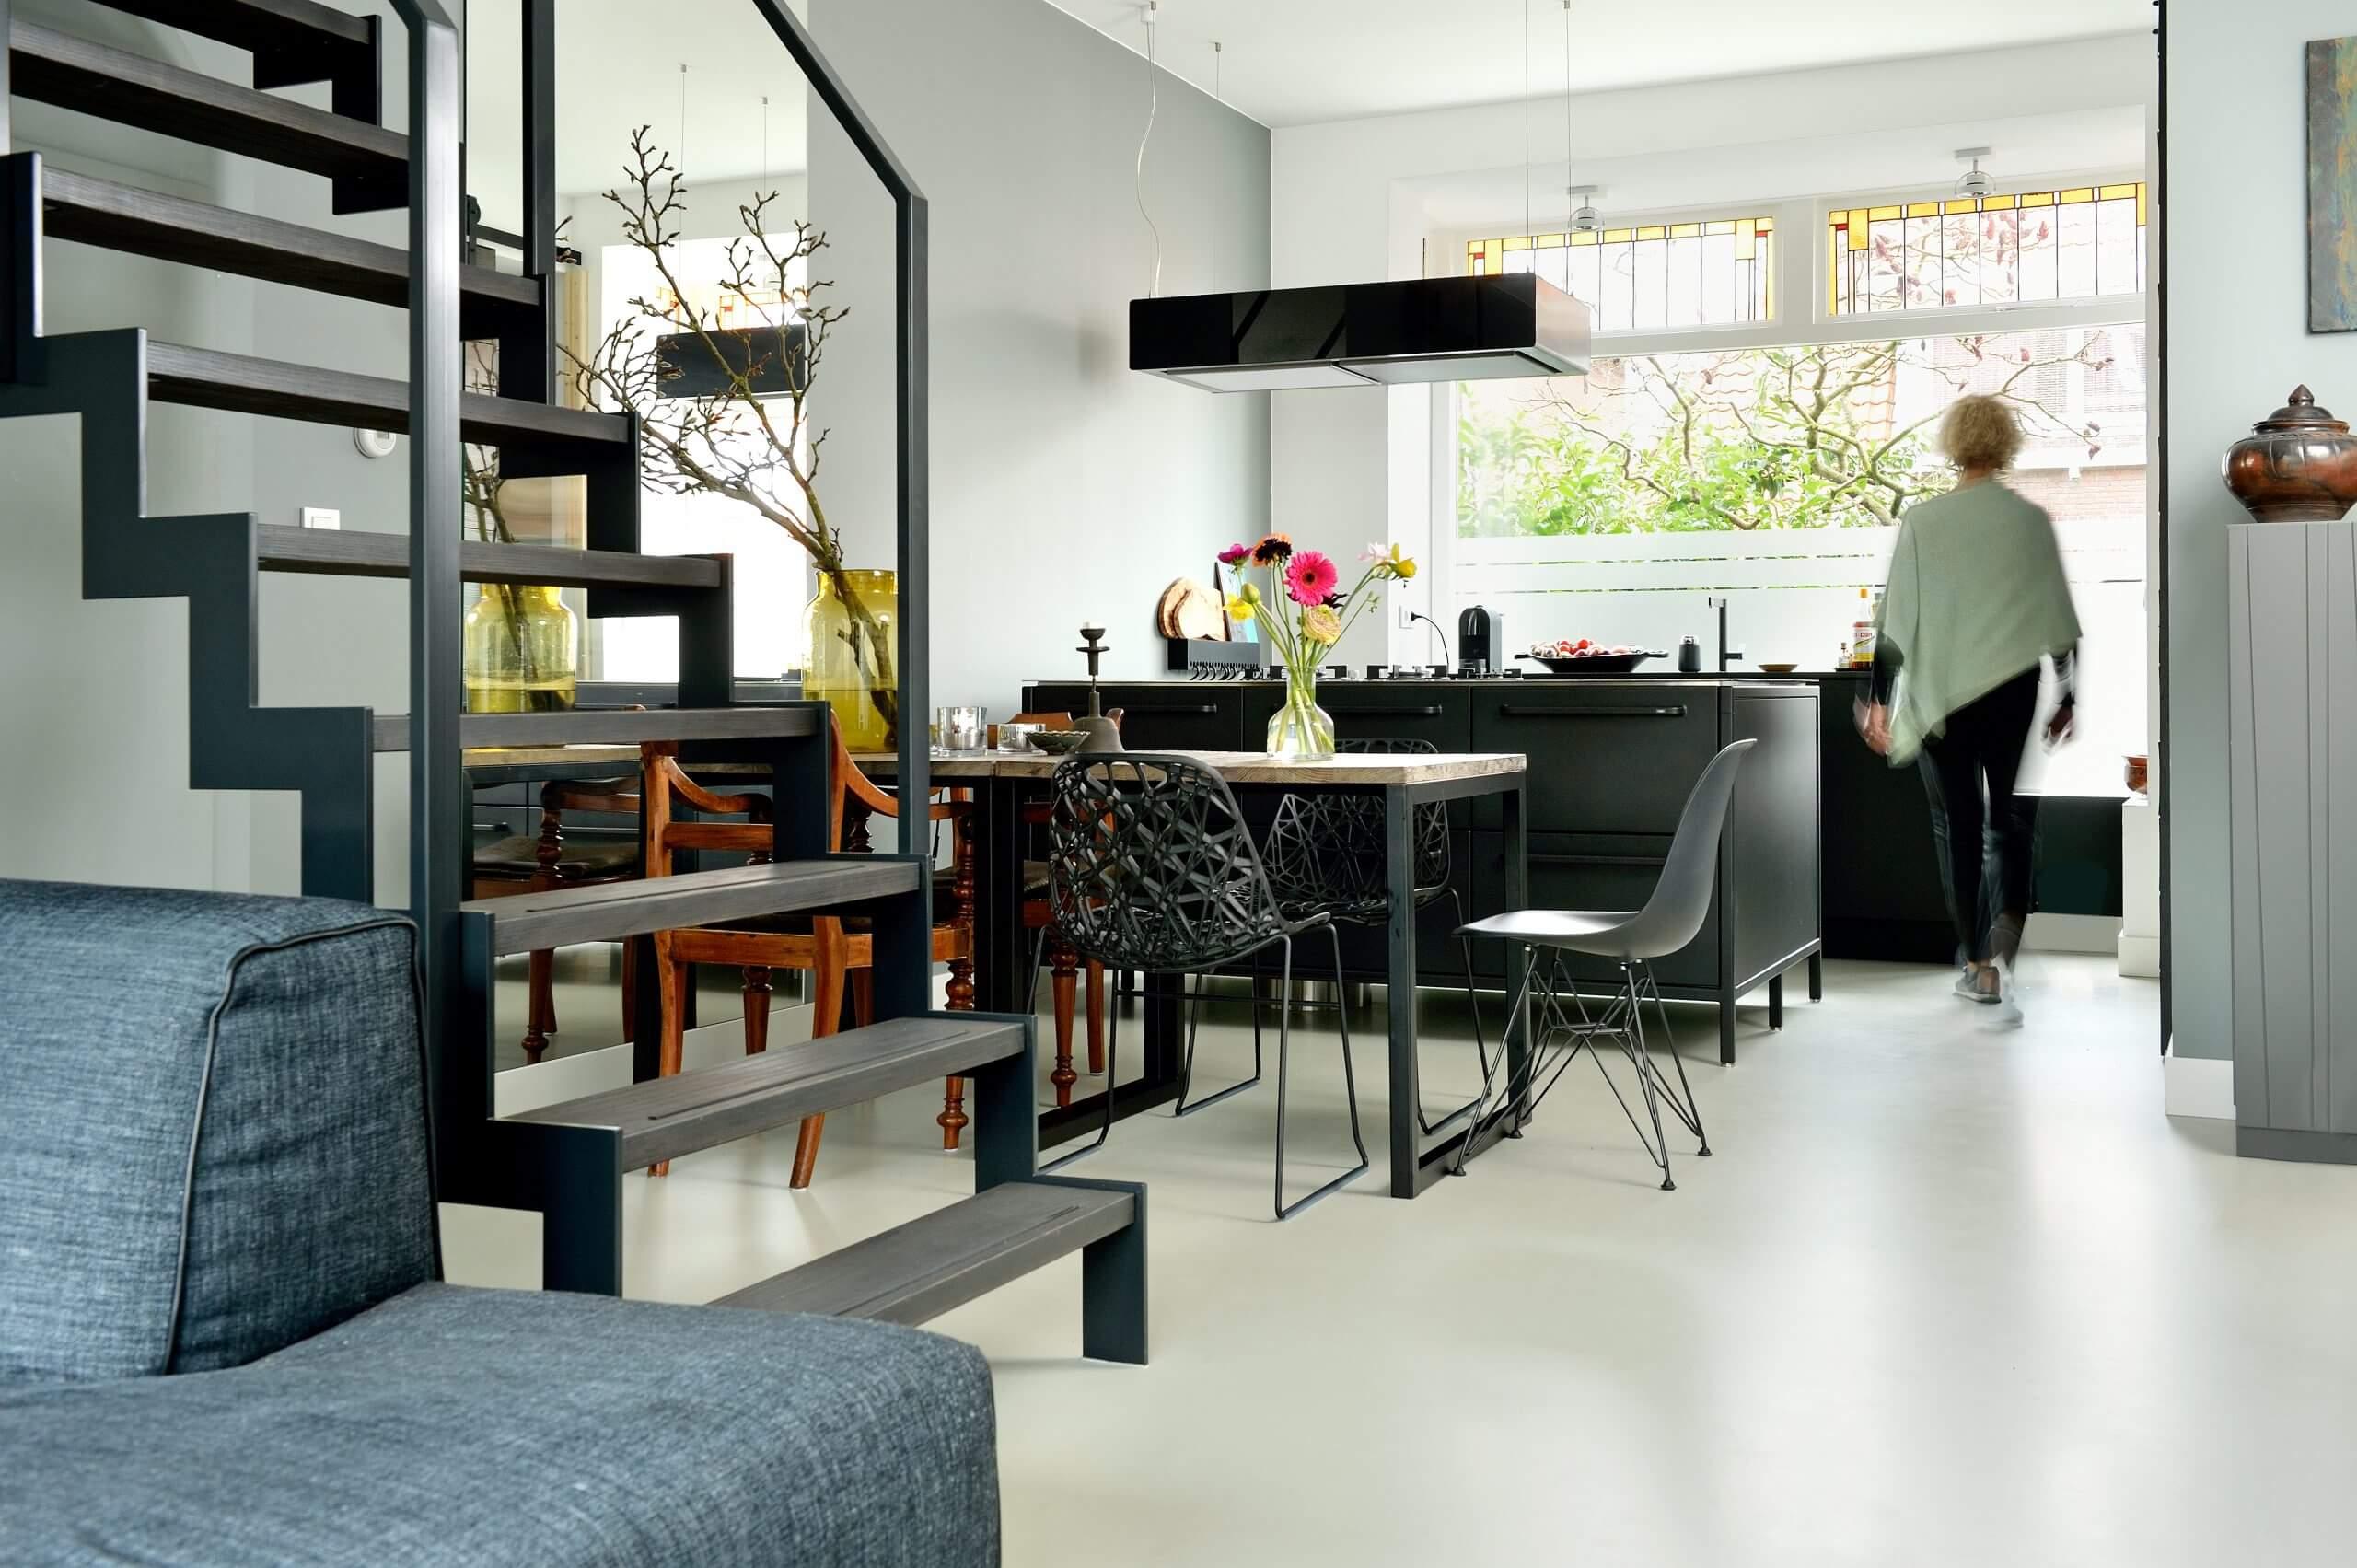 buitenkeuken met betonvloer